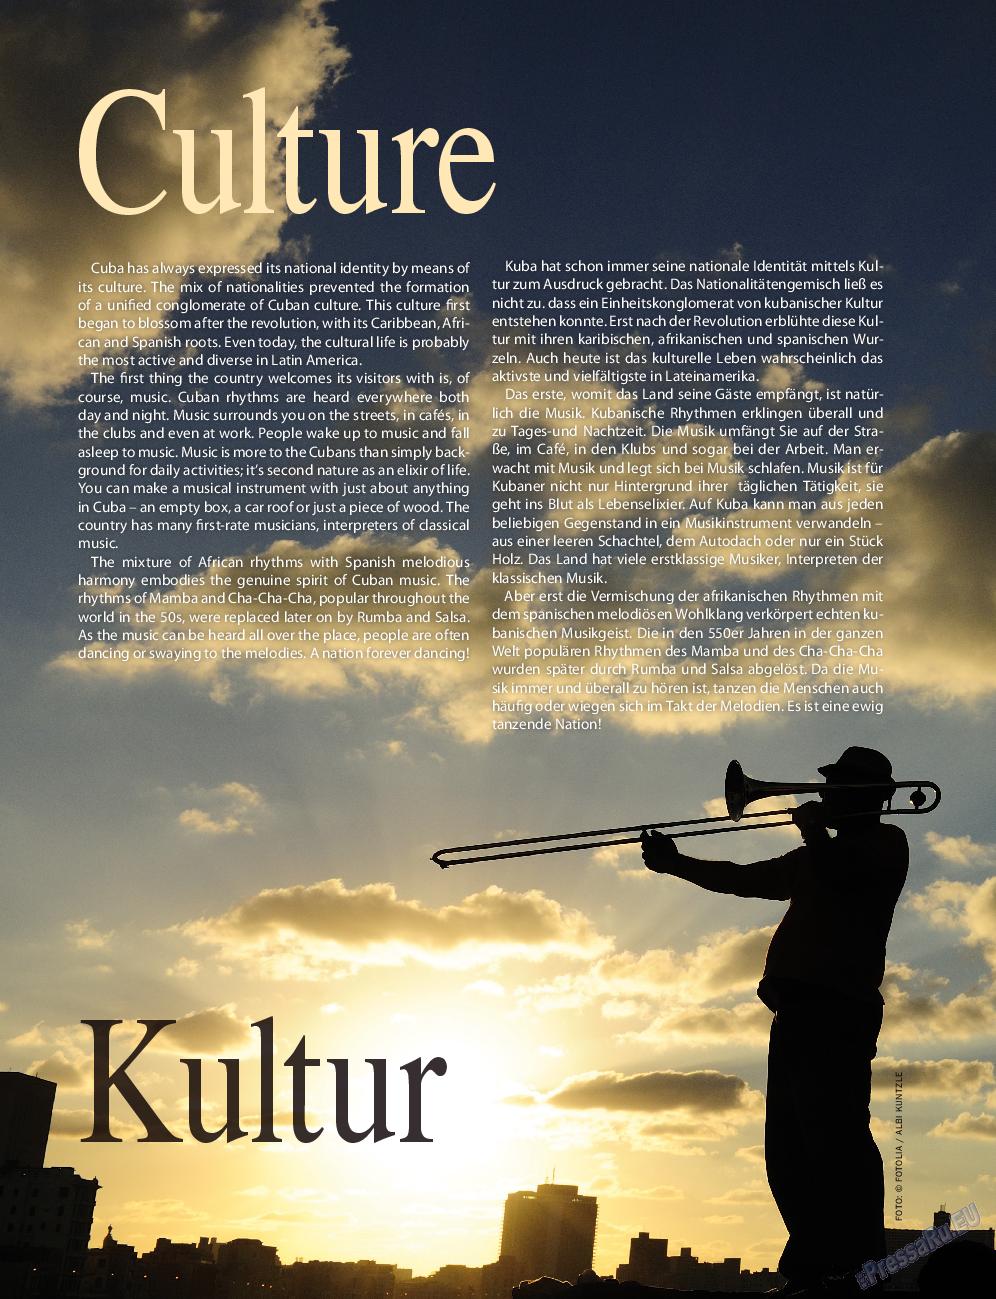 Клан (журнал). 2016 год, номер 10, стр. 34